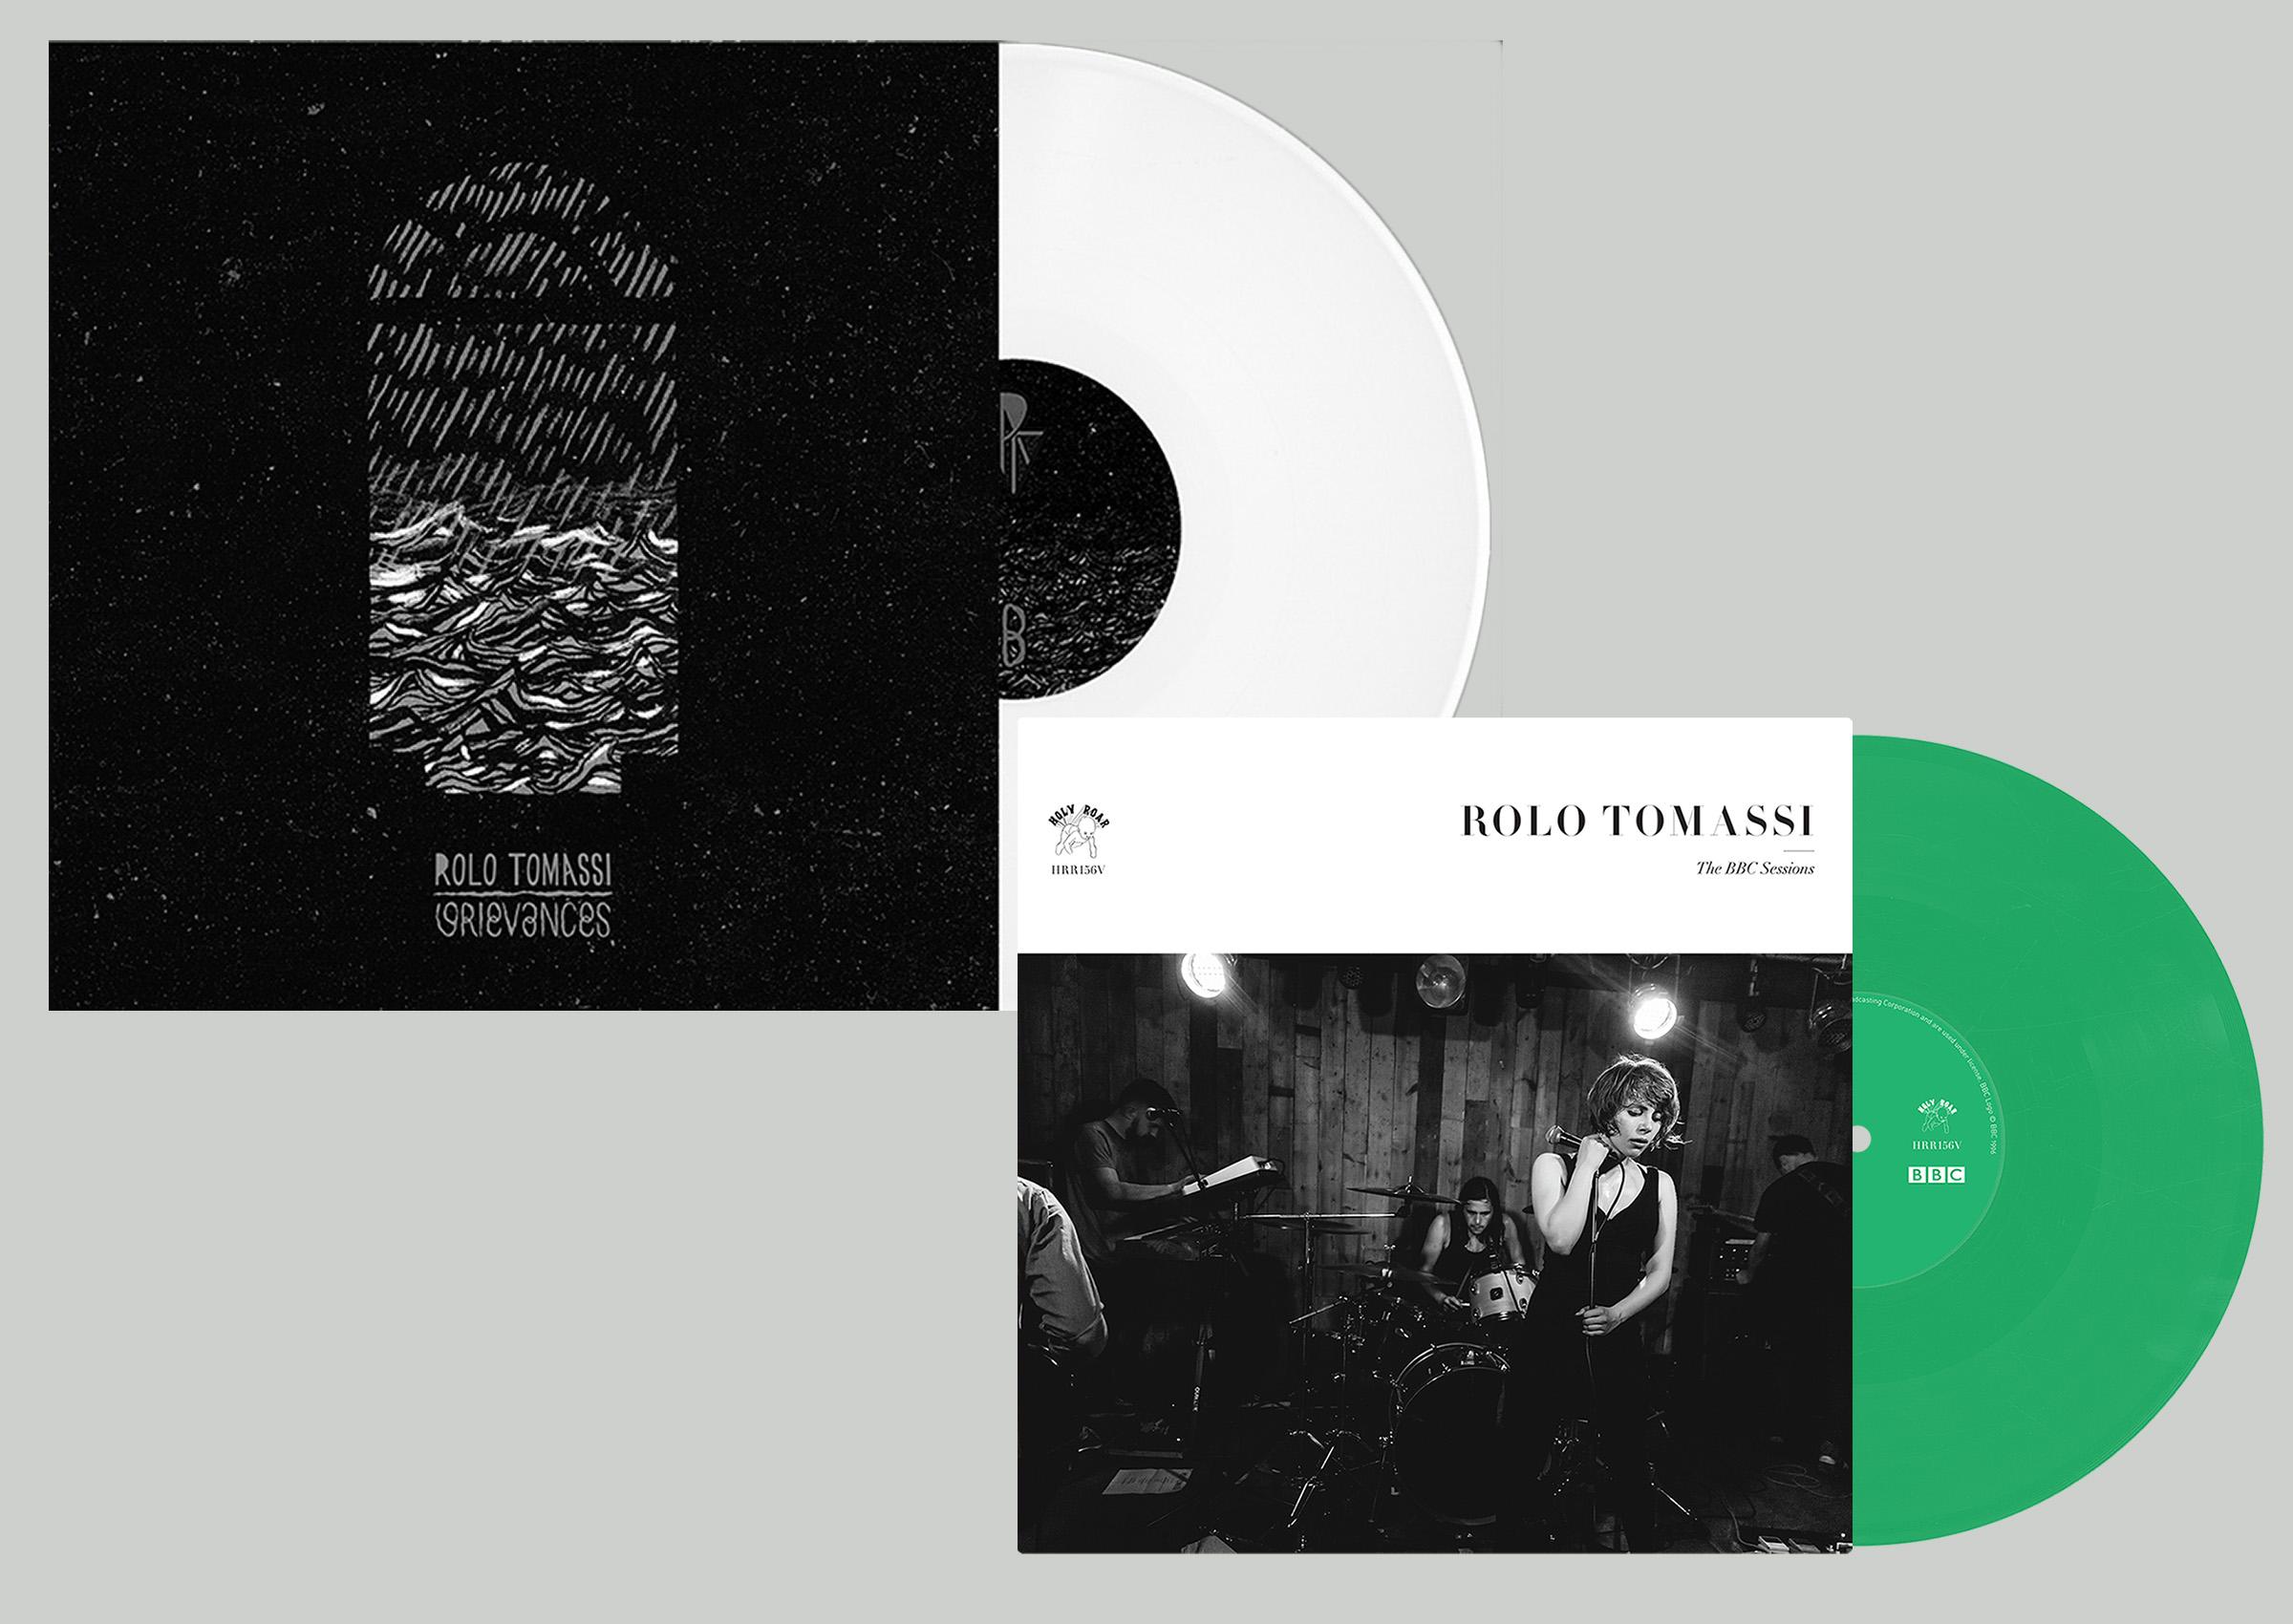 Rolo Tomassi - BBC Sessions + Grievances vinyl bundle